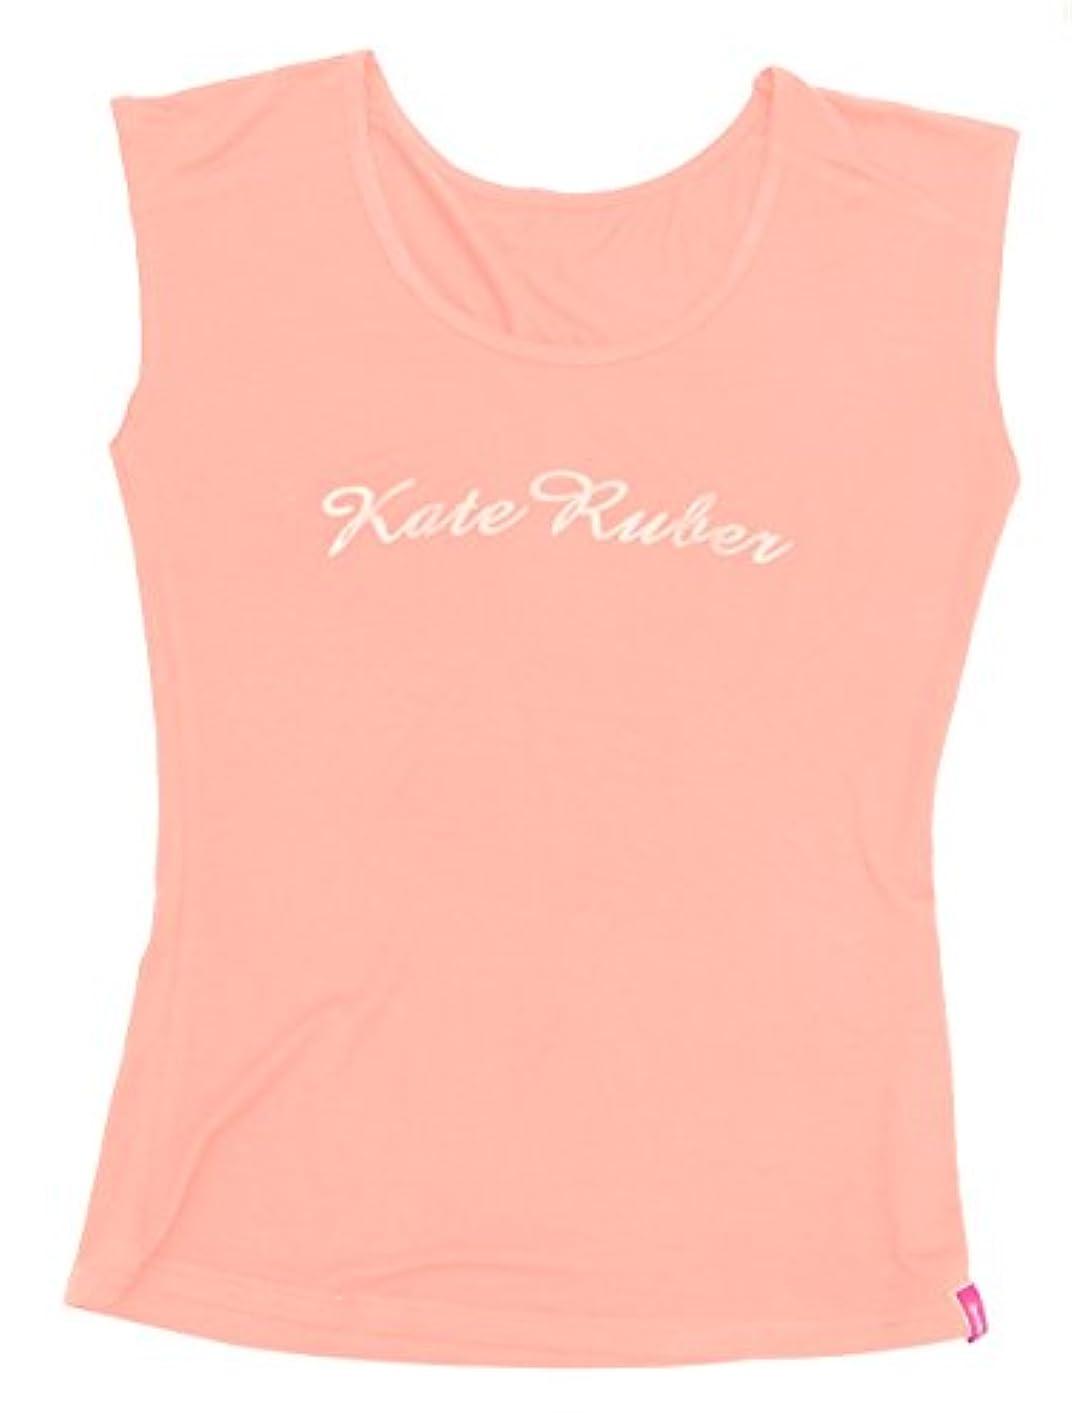 抽出ドレインオンスKate Ruber (ケイトルーバー) ヨガTシャツ ピンクM-L